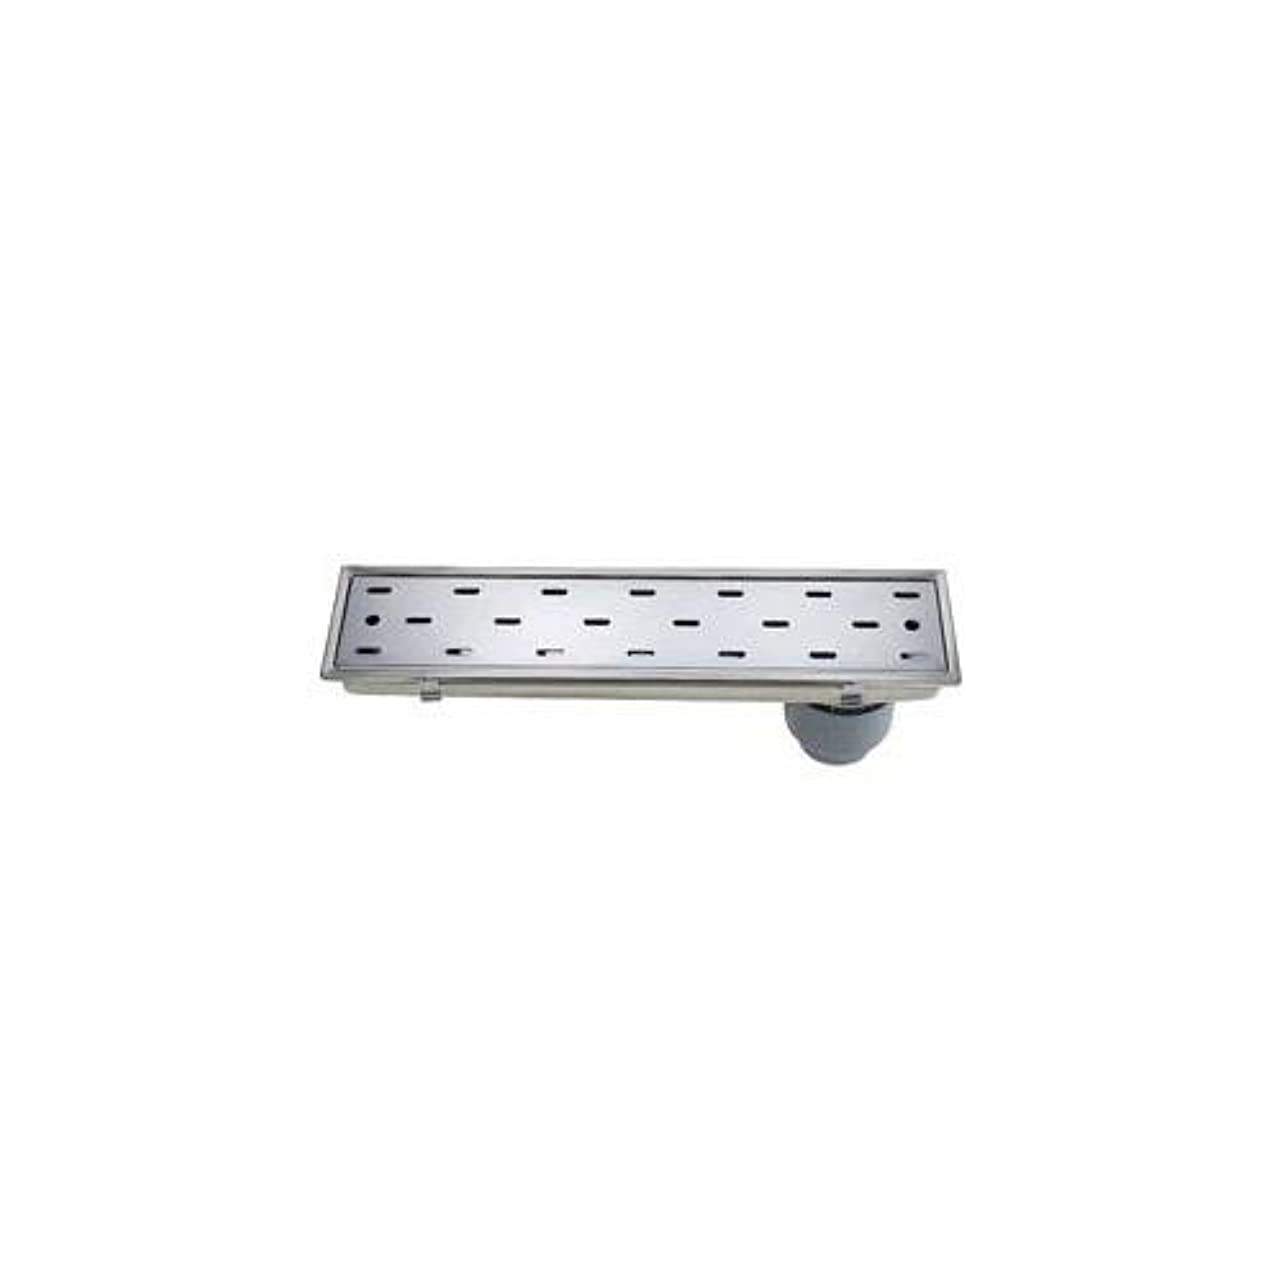 証明するキャッシュごみカクダイ:浴室用排水ユニット 型式:4285-150×900